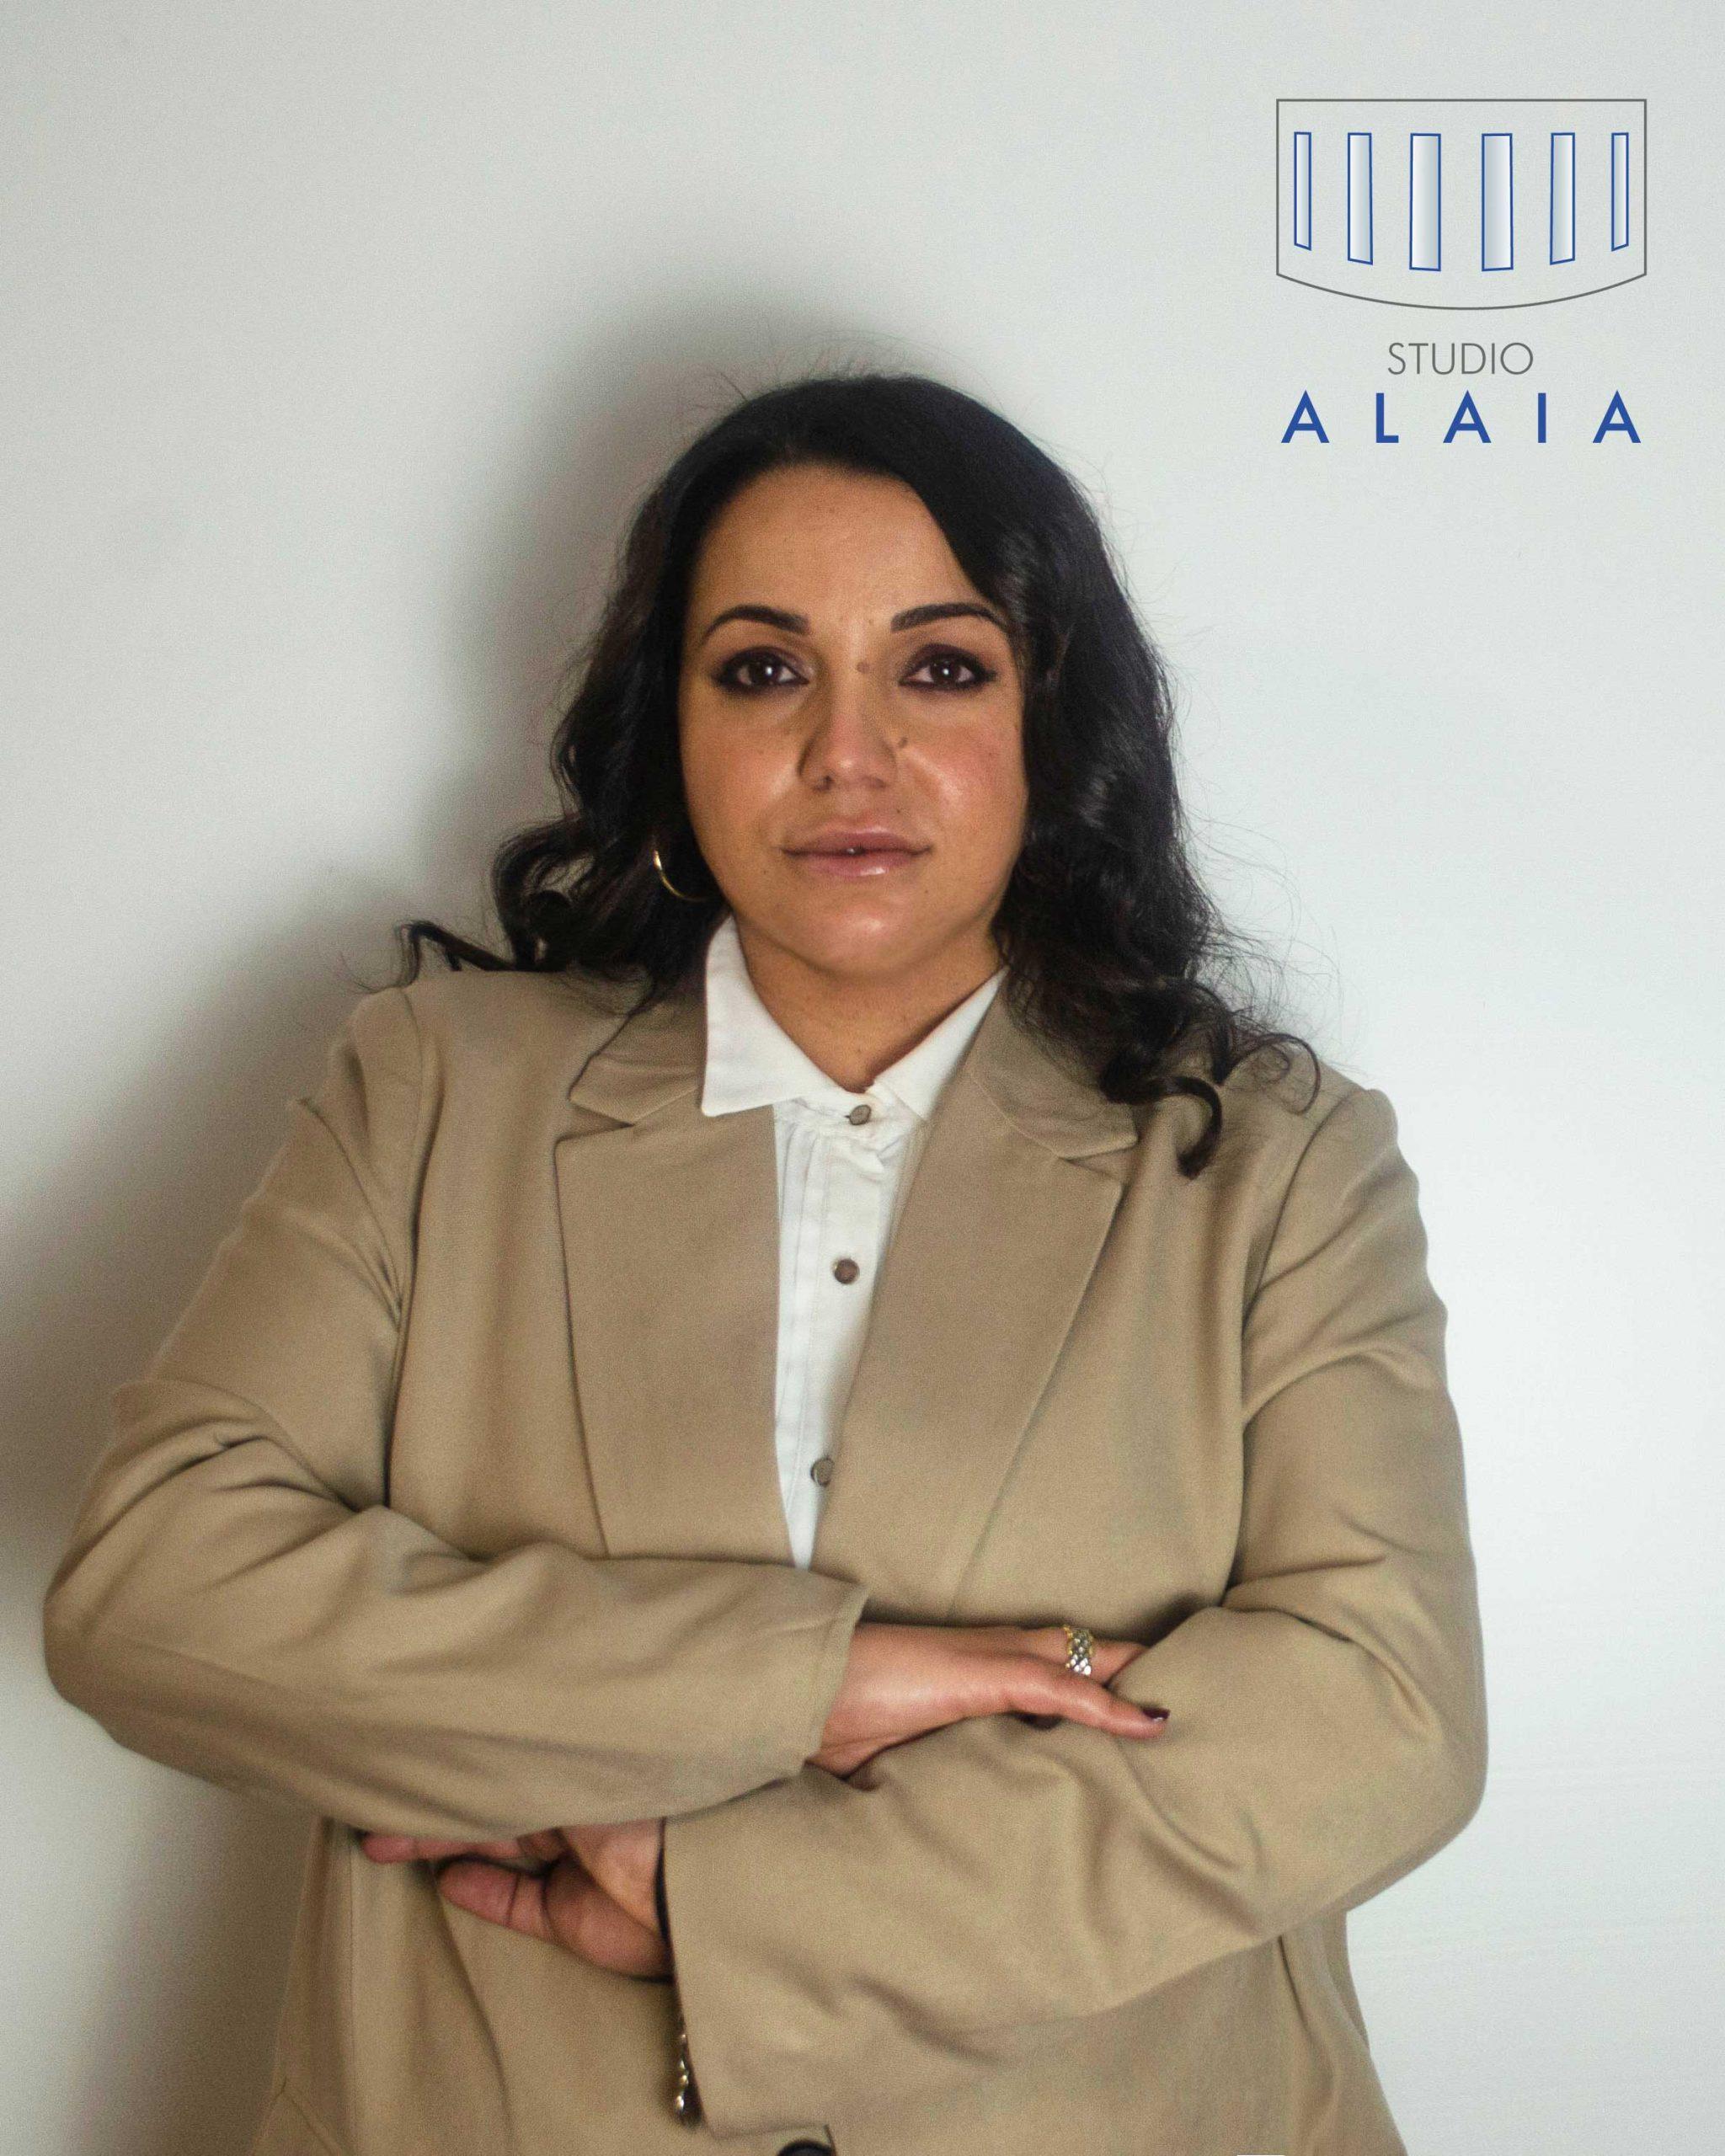 Studio Associato Alaia - Professionisti al servizio di aziende e privati